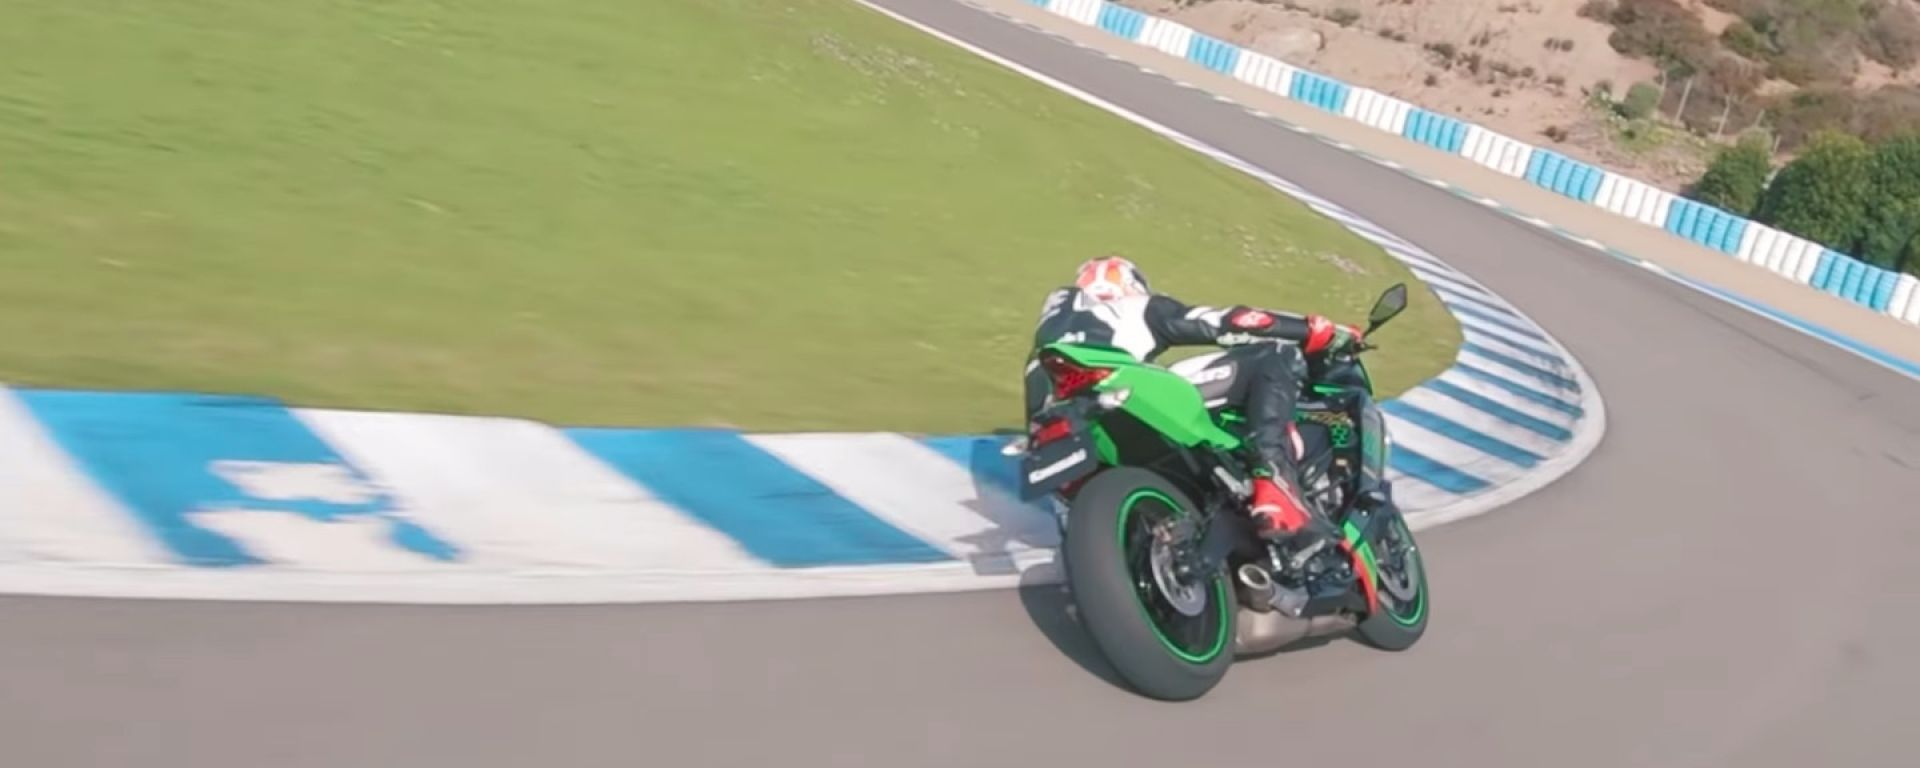 Jonathan Rea in sella alla Kawasaki Ninja ZX-25R presso il circuito di Jerez de la Frontera